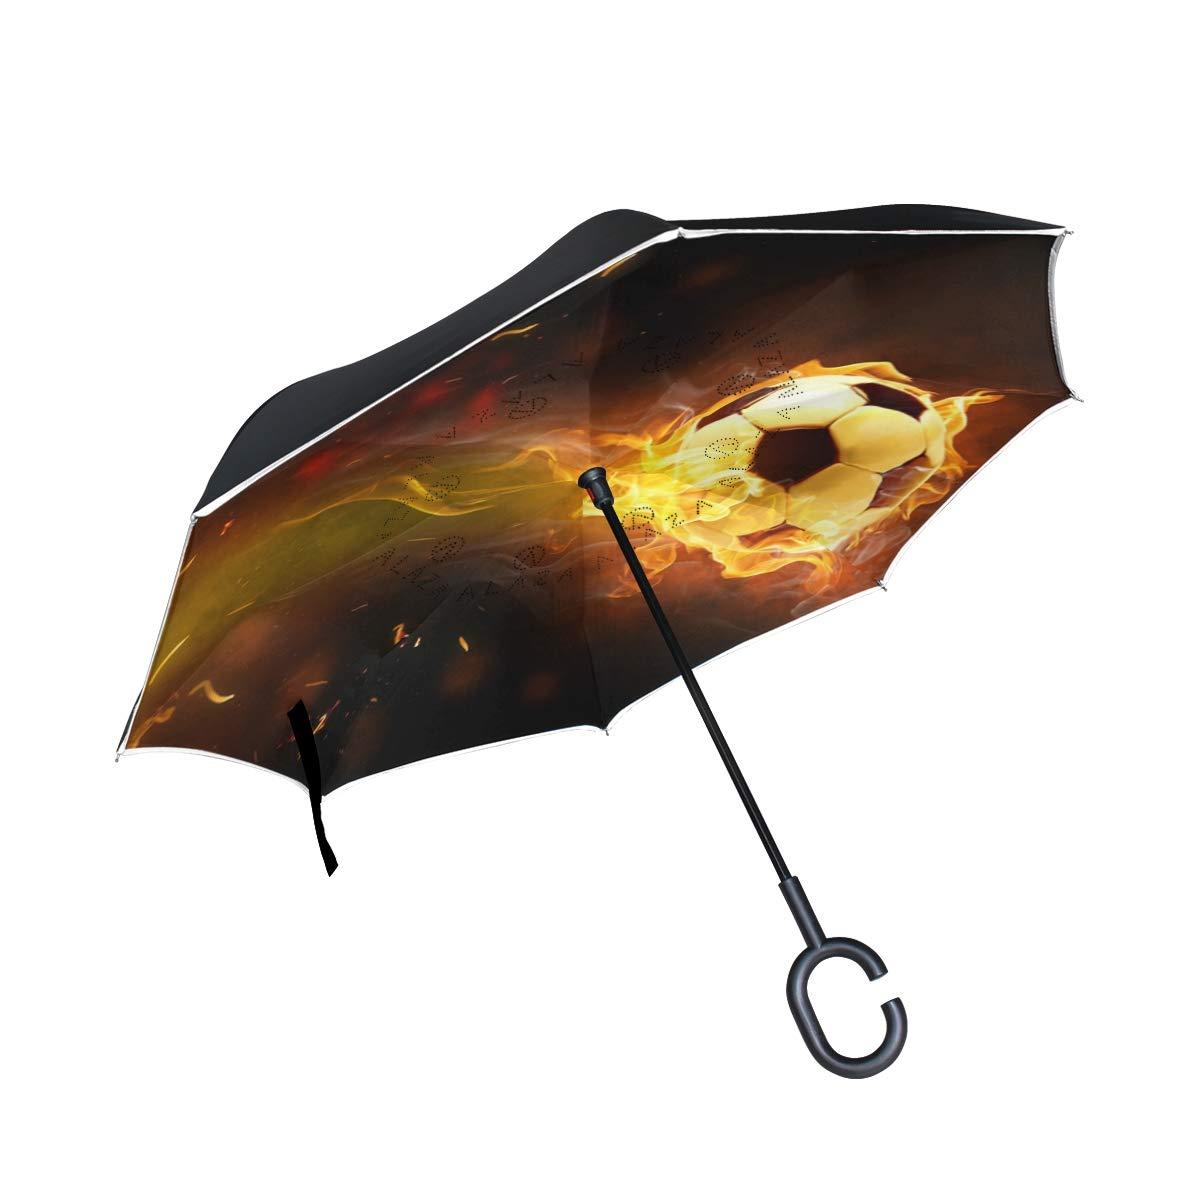 Resistente al Viento Doble Capa Resistente al Viento MNSRUU Paraguas invertido de f/útbol Resistente al Viento Paraguas de Viaje para Mujeres y Hombres